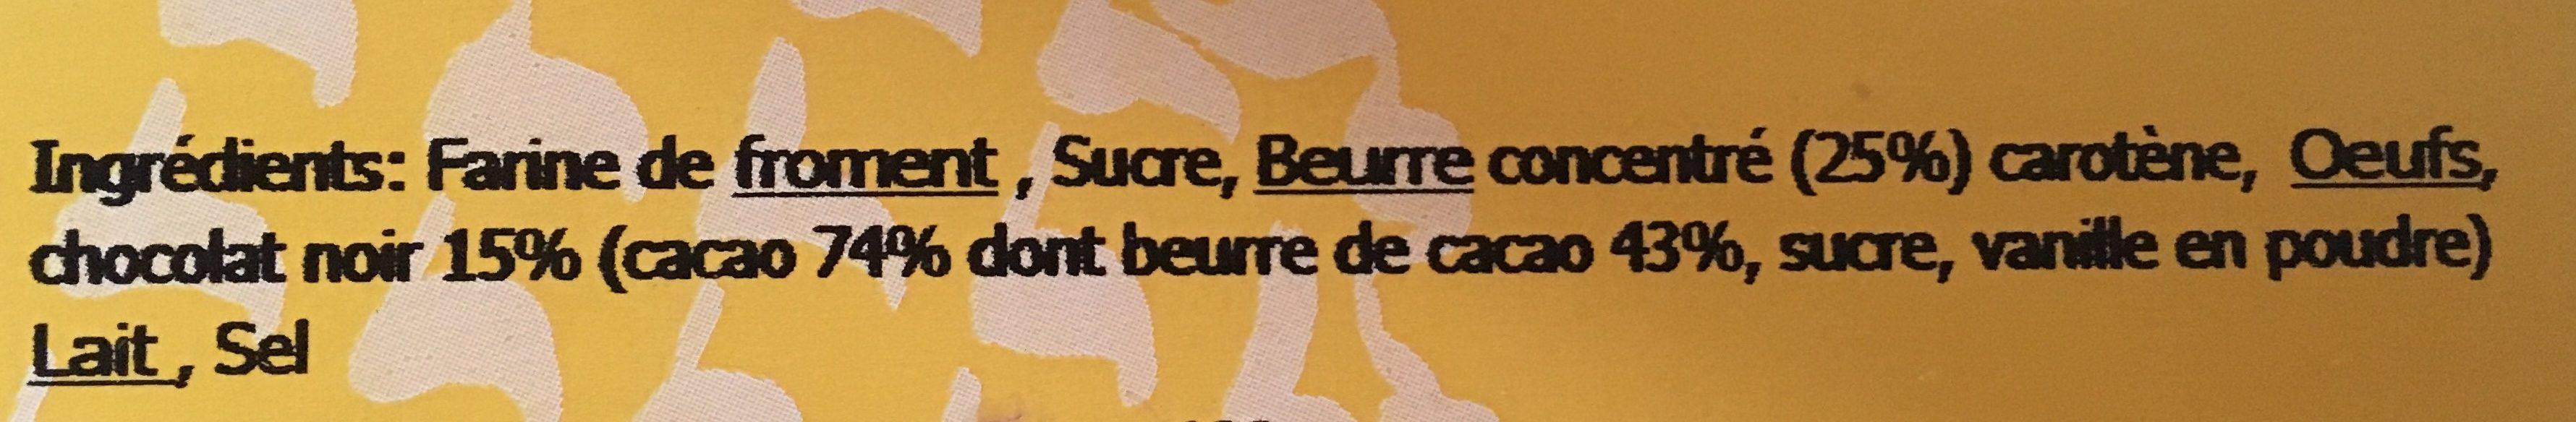 8 Gaufres Pur Beurre Chocolat Noir - Ingrédients - fr